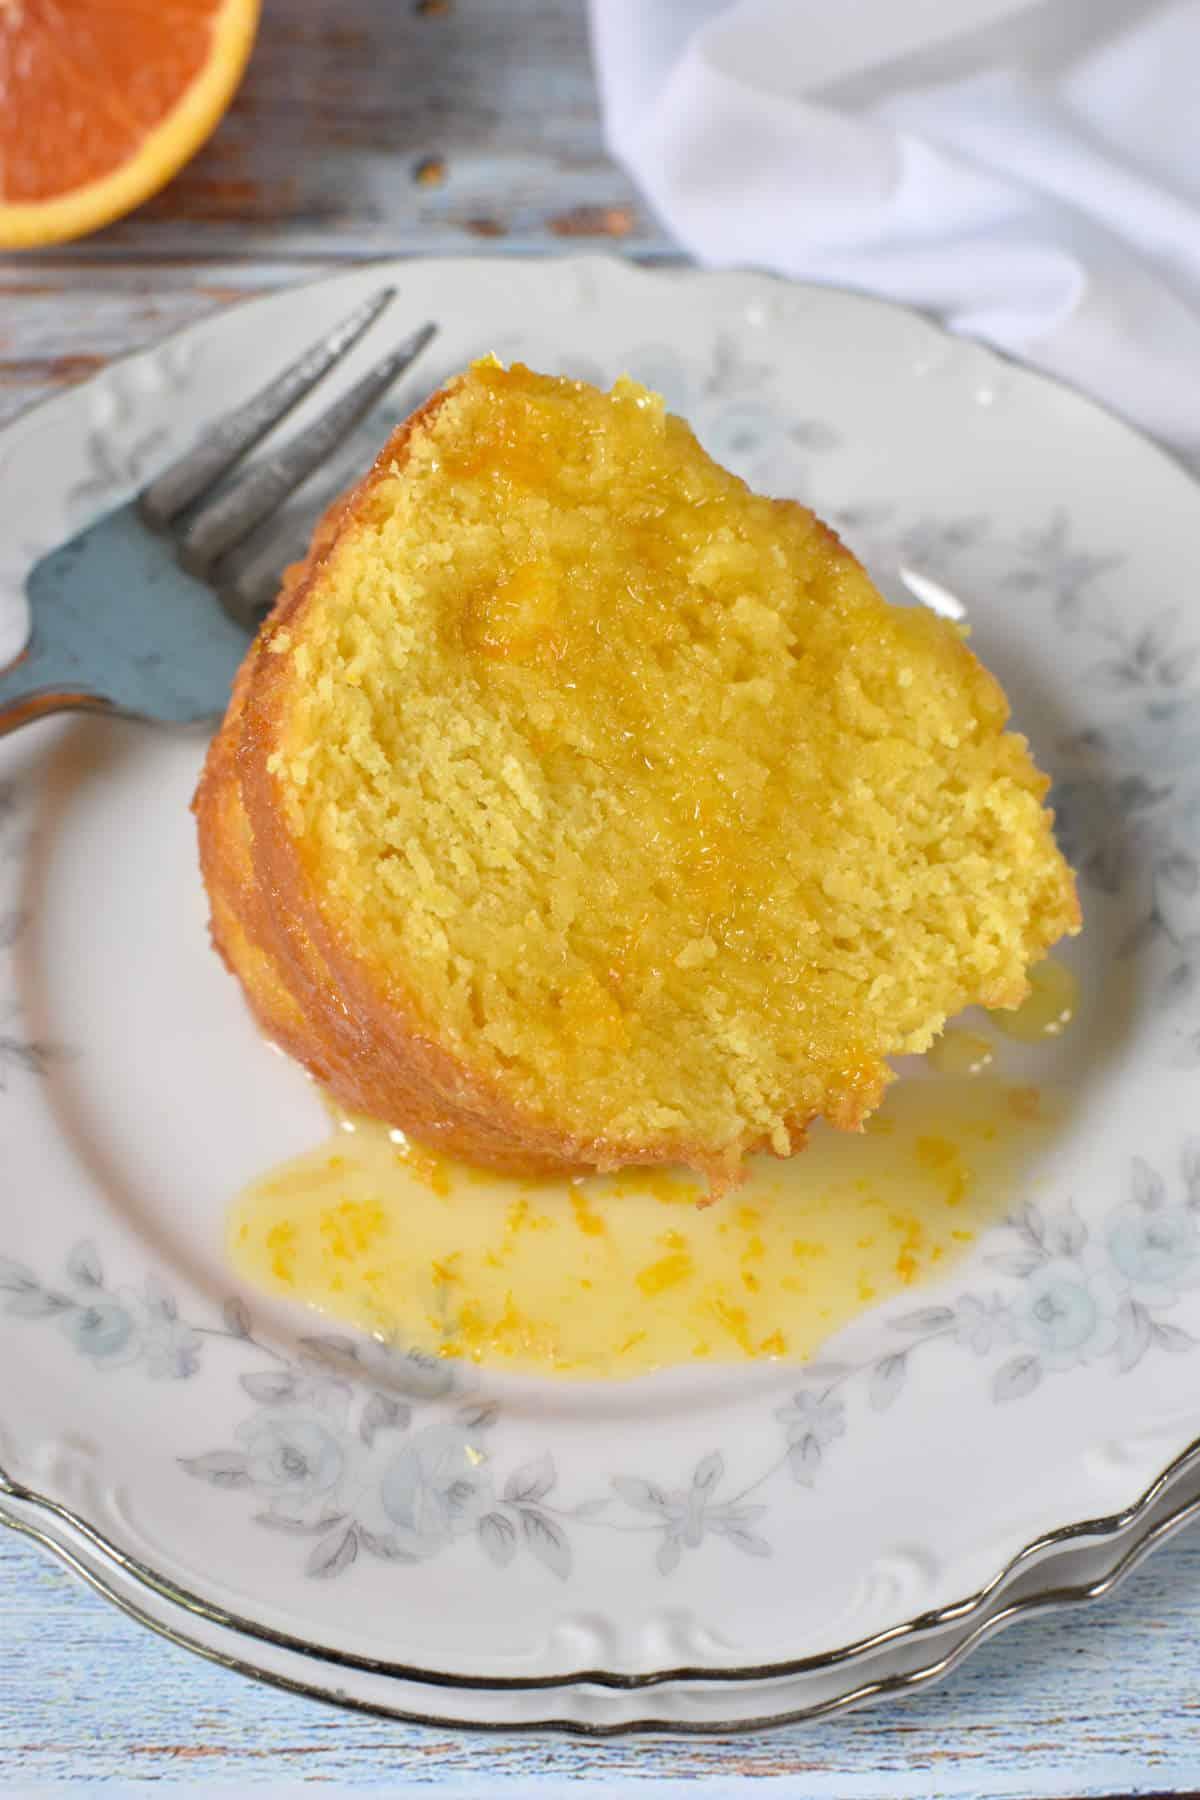 fatia de bolo de laranja com calda de laranja em um prato com garfo